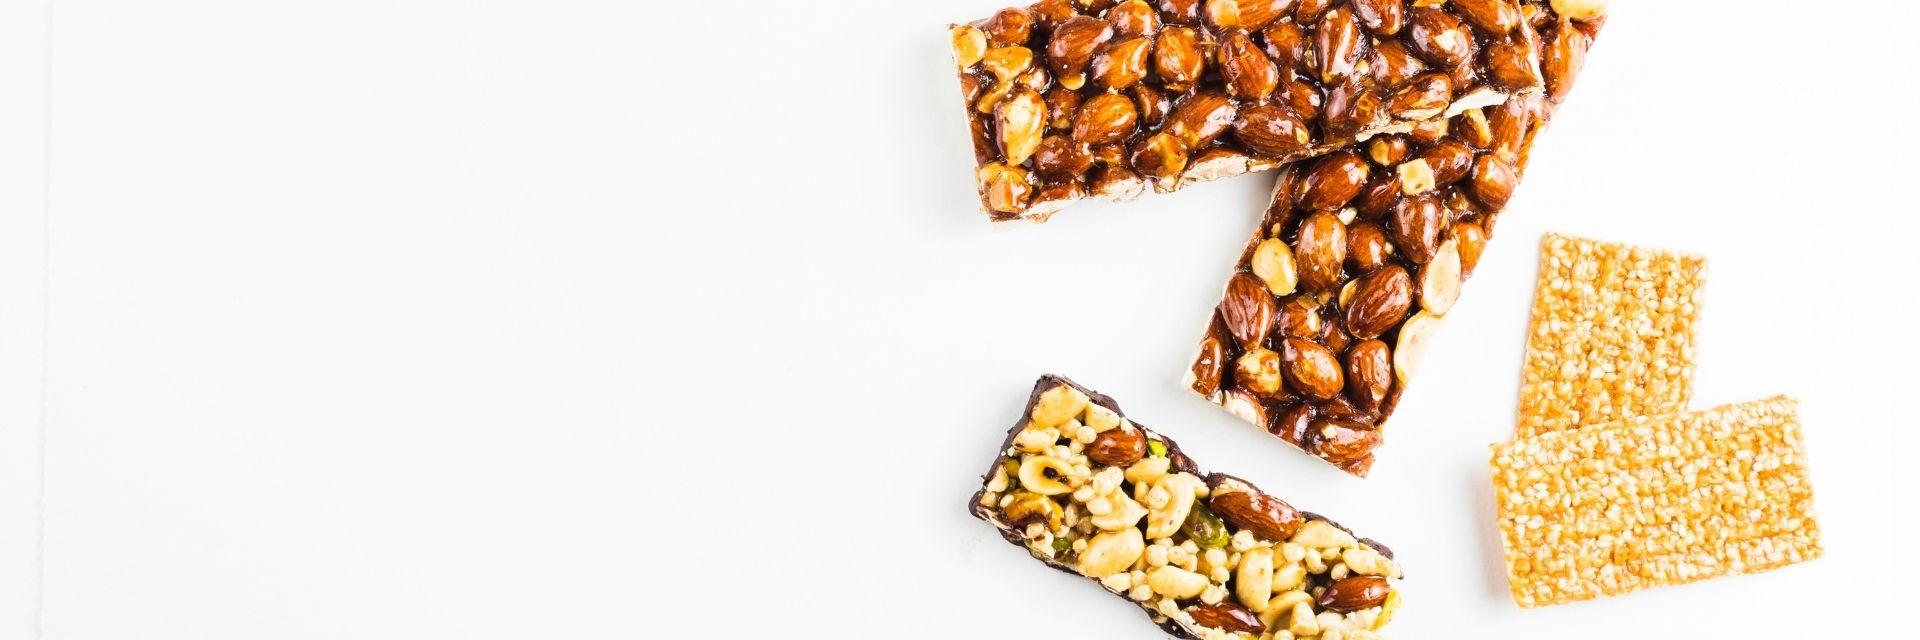 FormaFast X-treme dieet afvallen met maaltijdvervangers